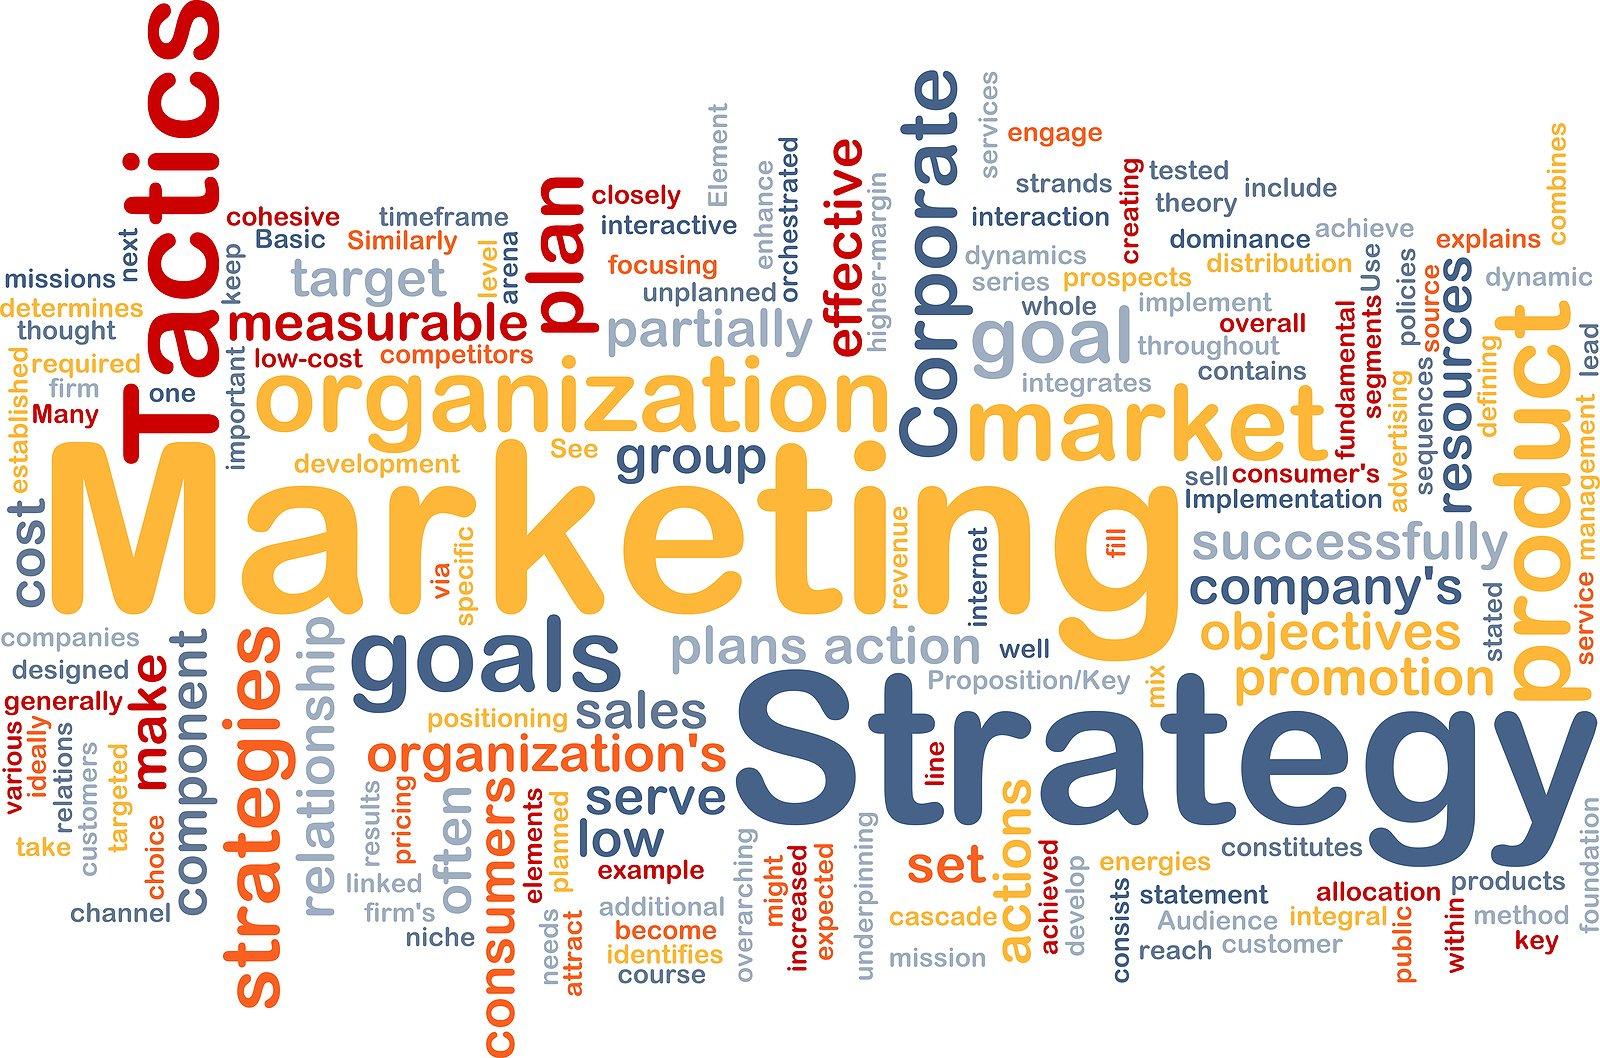 بااستراتژی شماره ۱ بازاریابی آشنا شوید